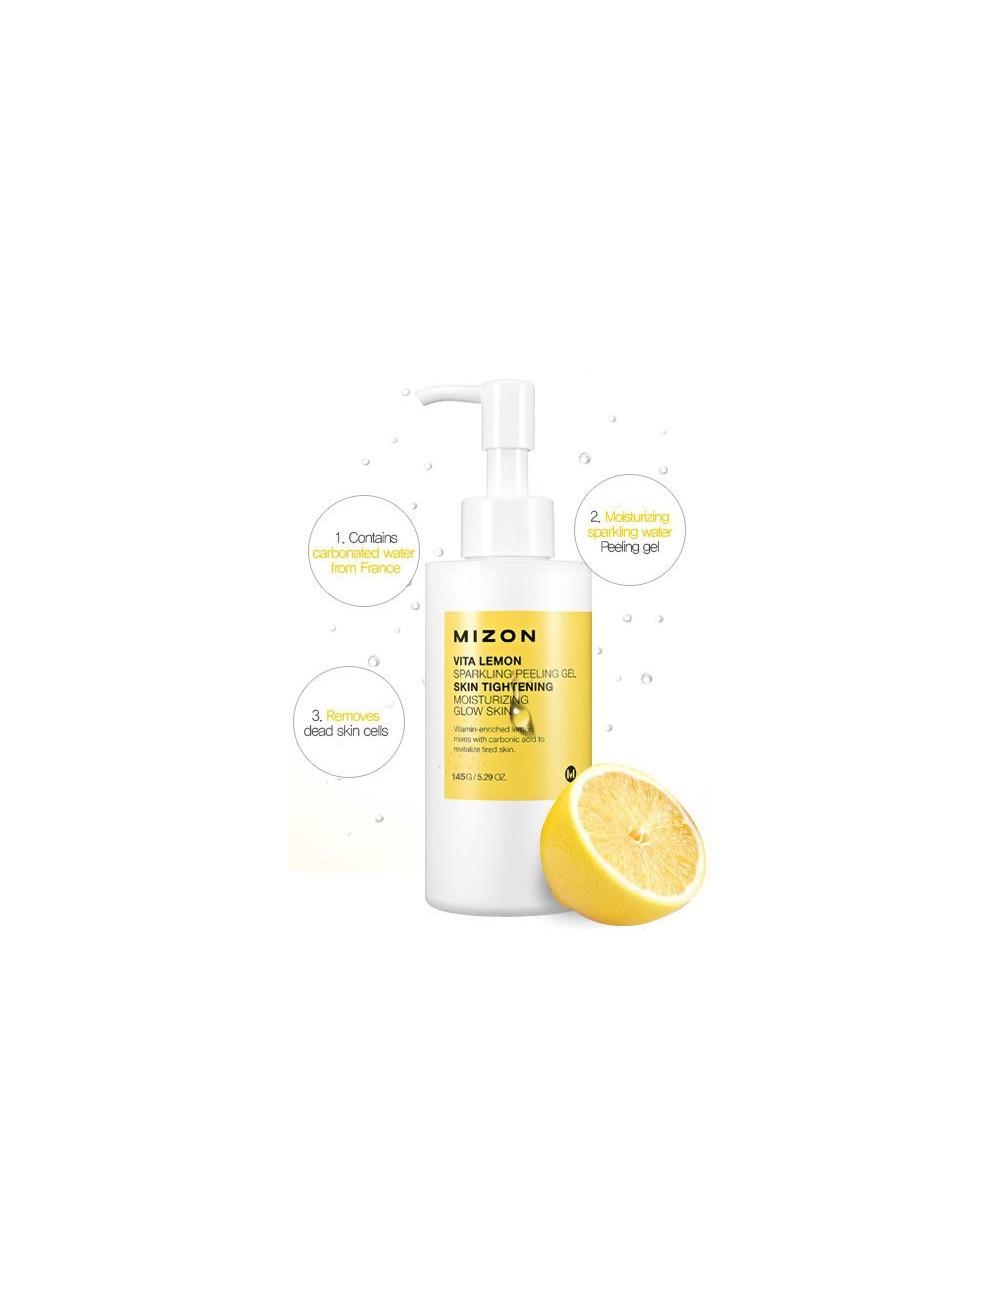 Exfoliante Facial Mizon Vita Lemon Sparkling Peeling Gel